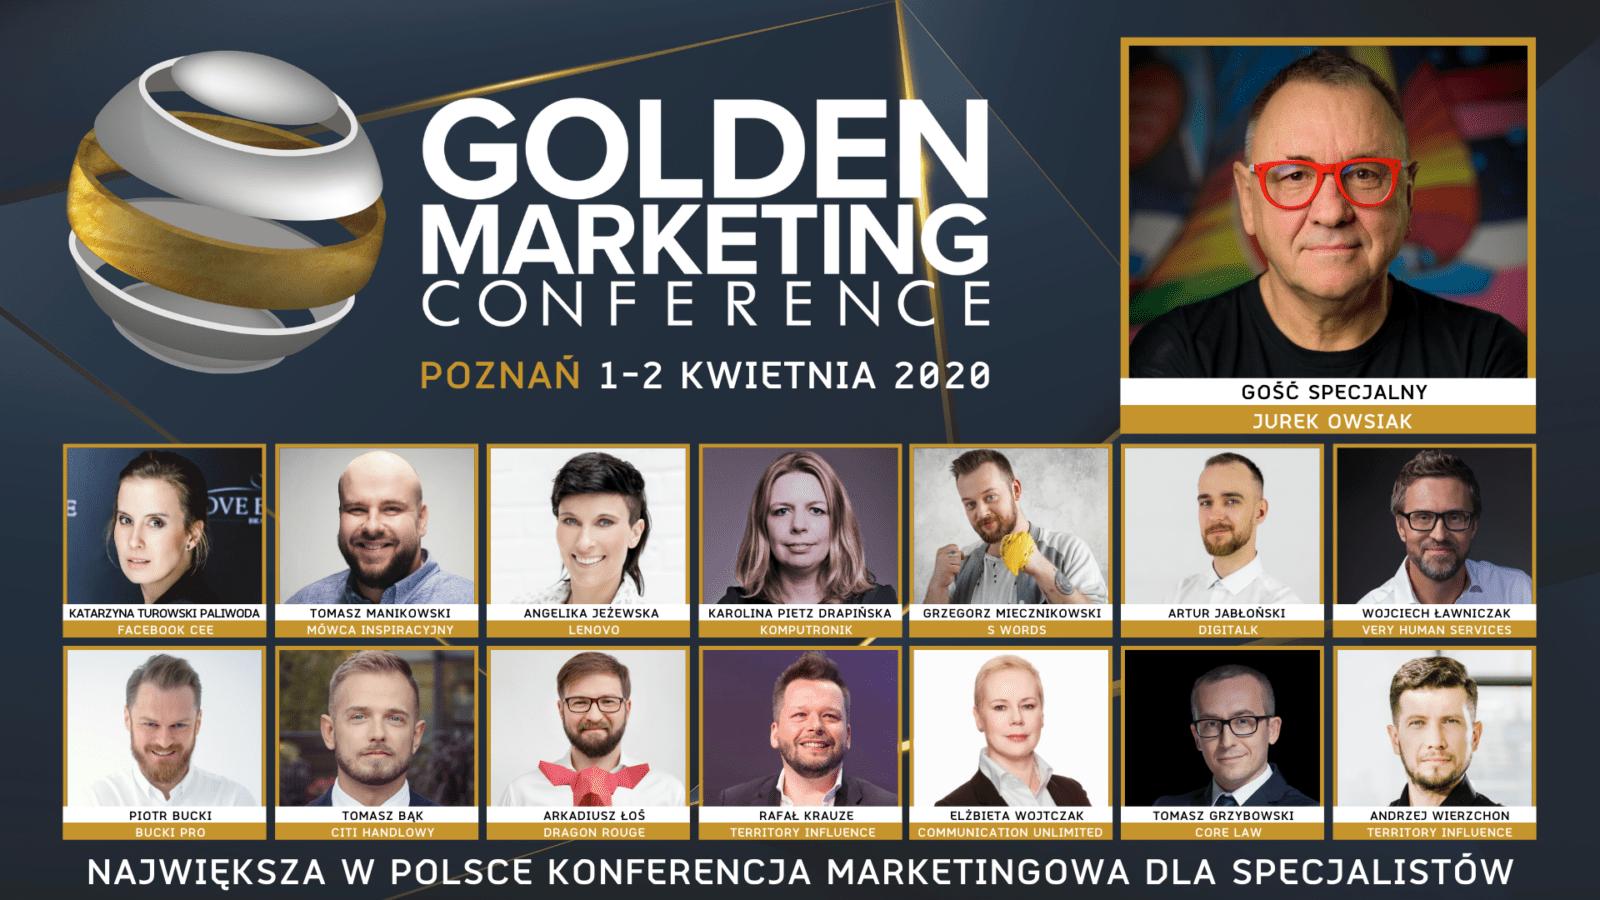 Jurek Owsiak – Twórca Fundacji Wielkiej Orkiestry Świątecznej Pomocy– gościem specjalnym Golden Marketing Conference